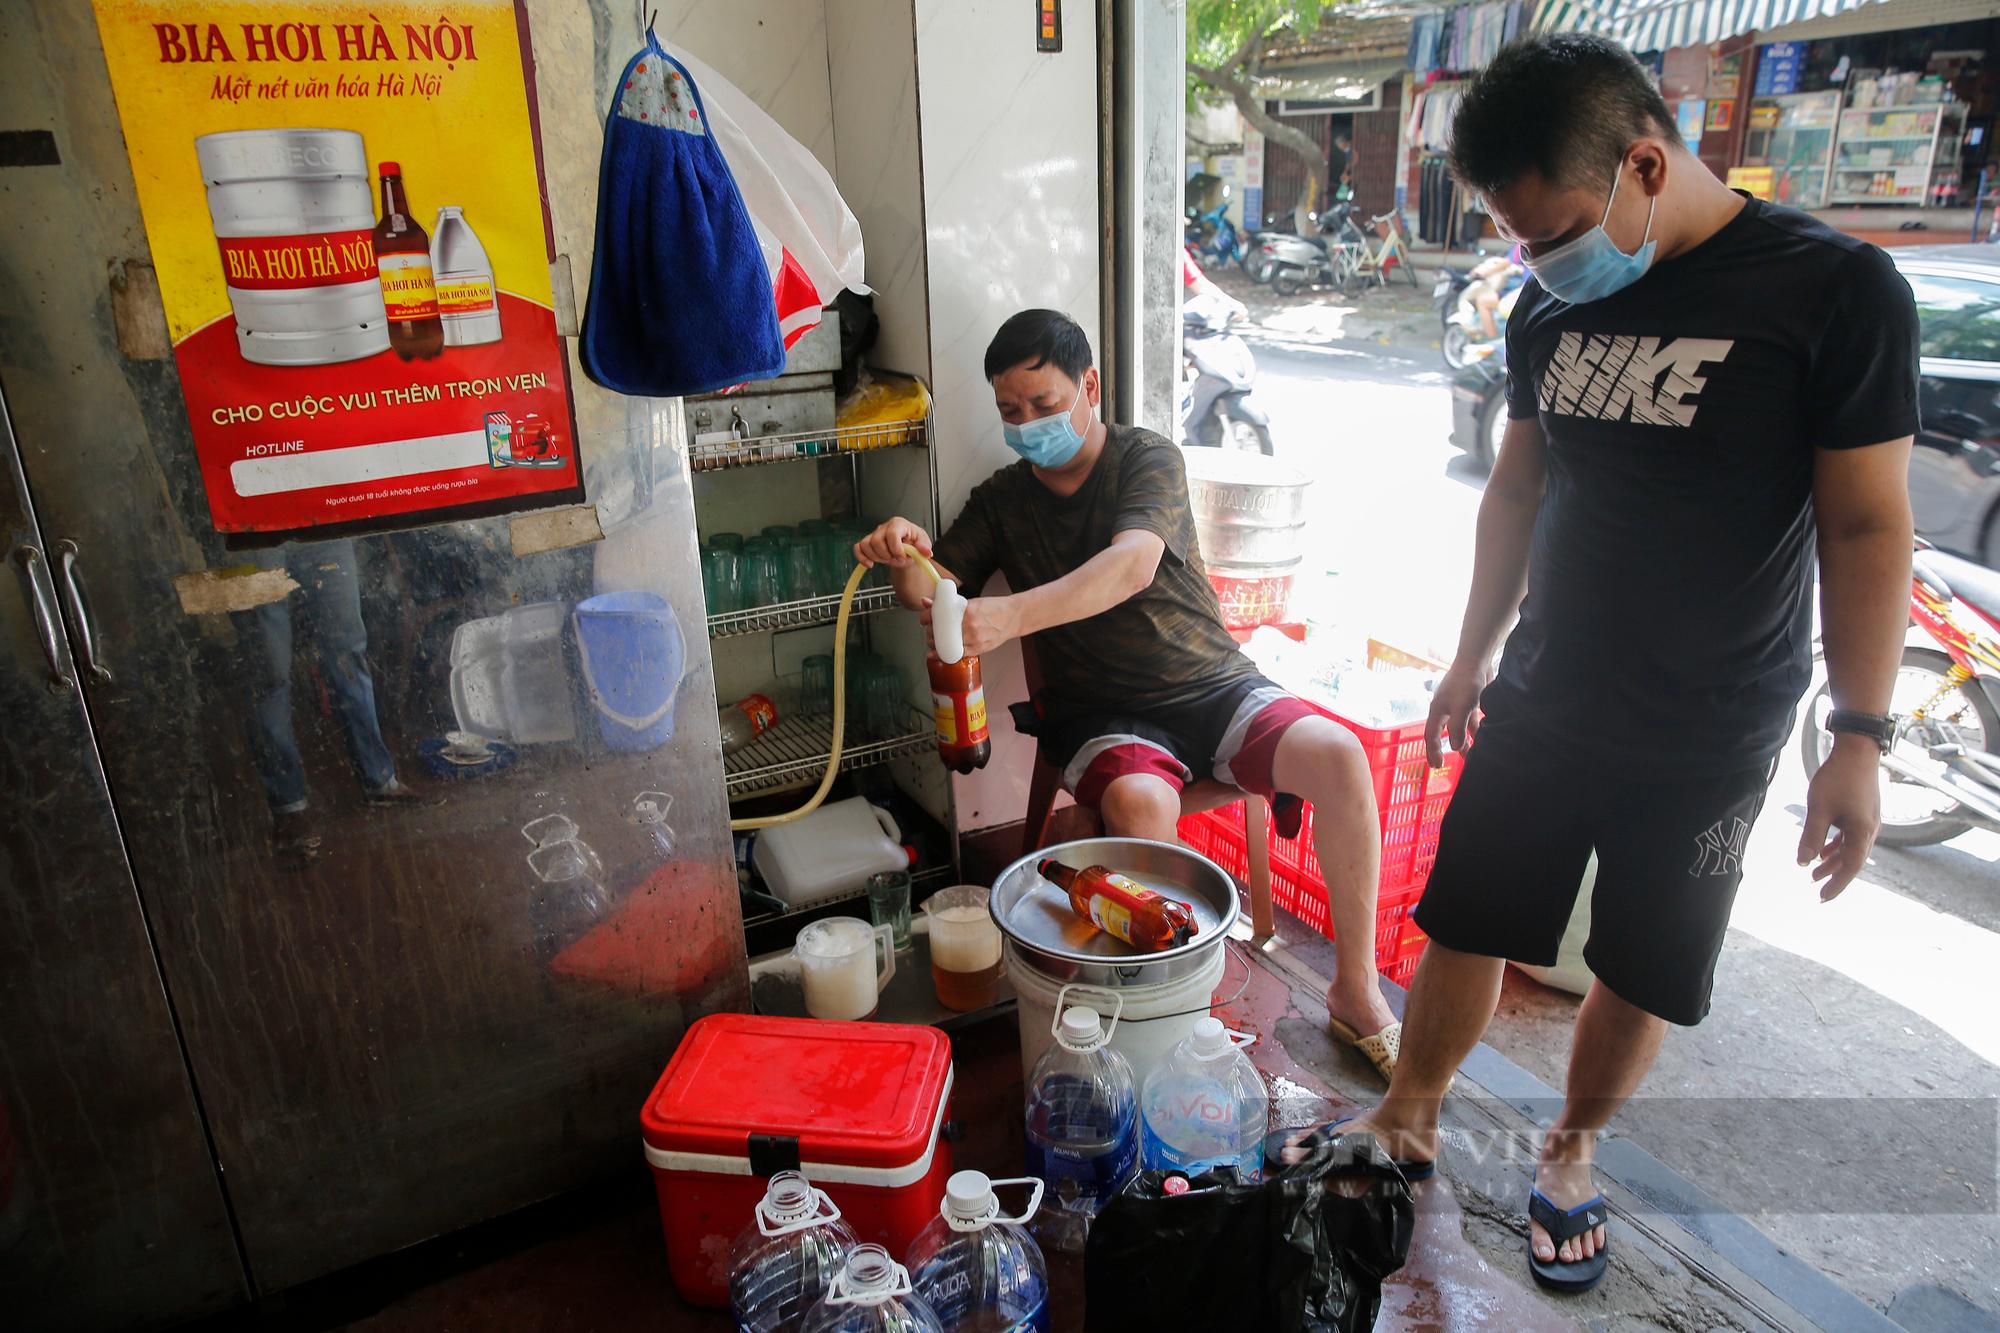 Bia hơi Hà Nội bắt đầu nhộn nhịp người mua mang về  - Ảnh 1.